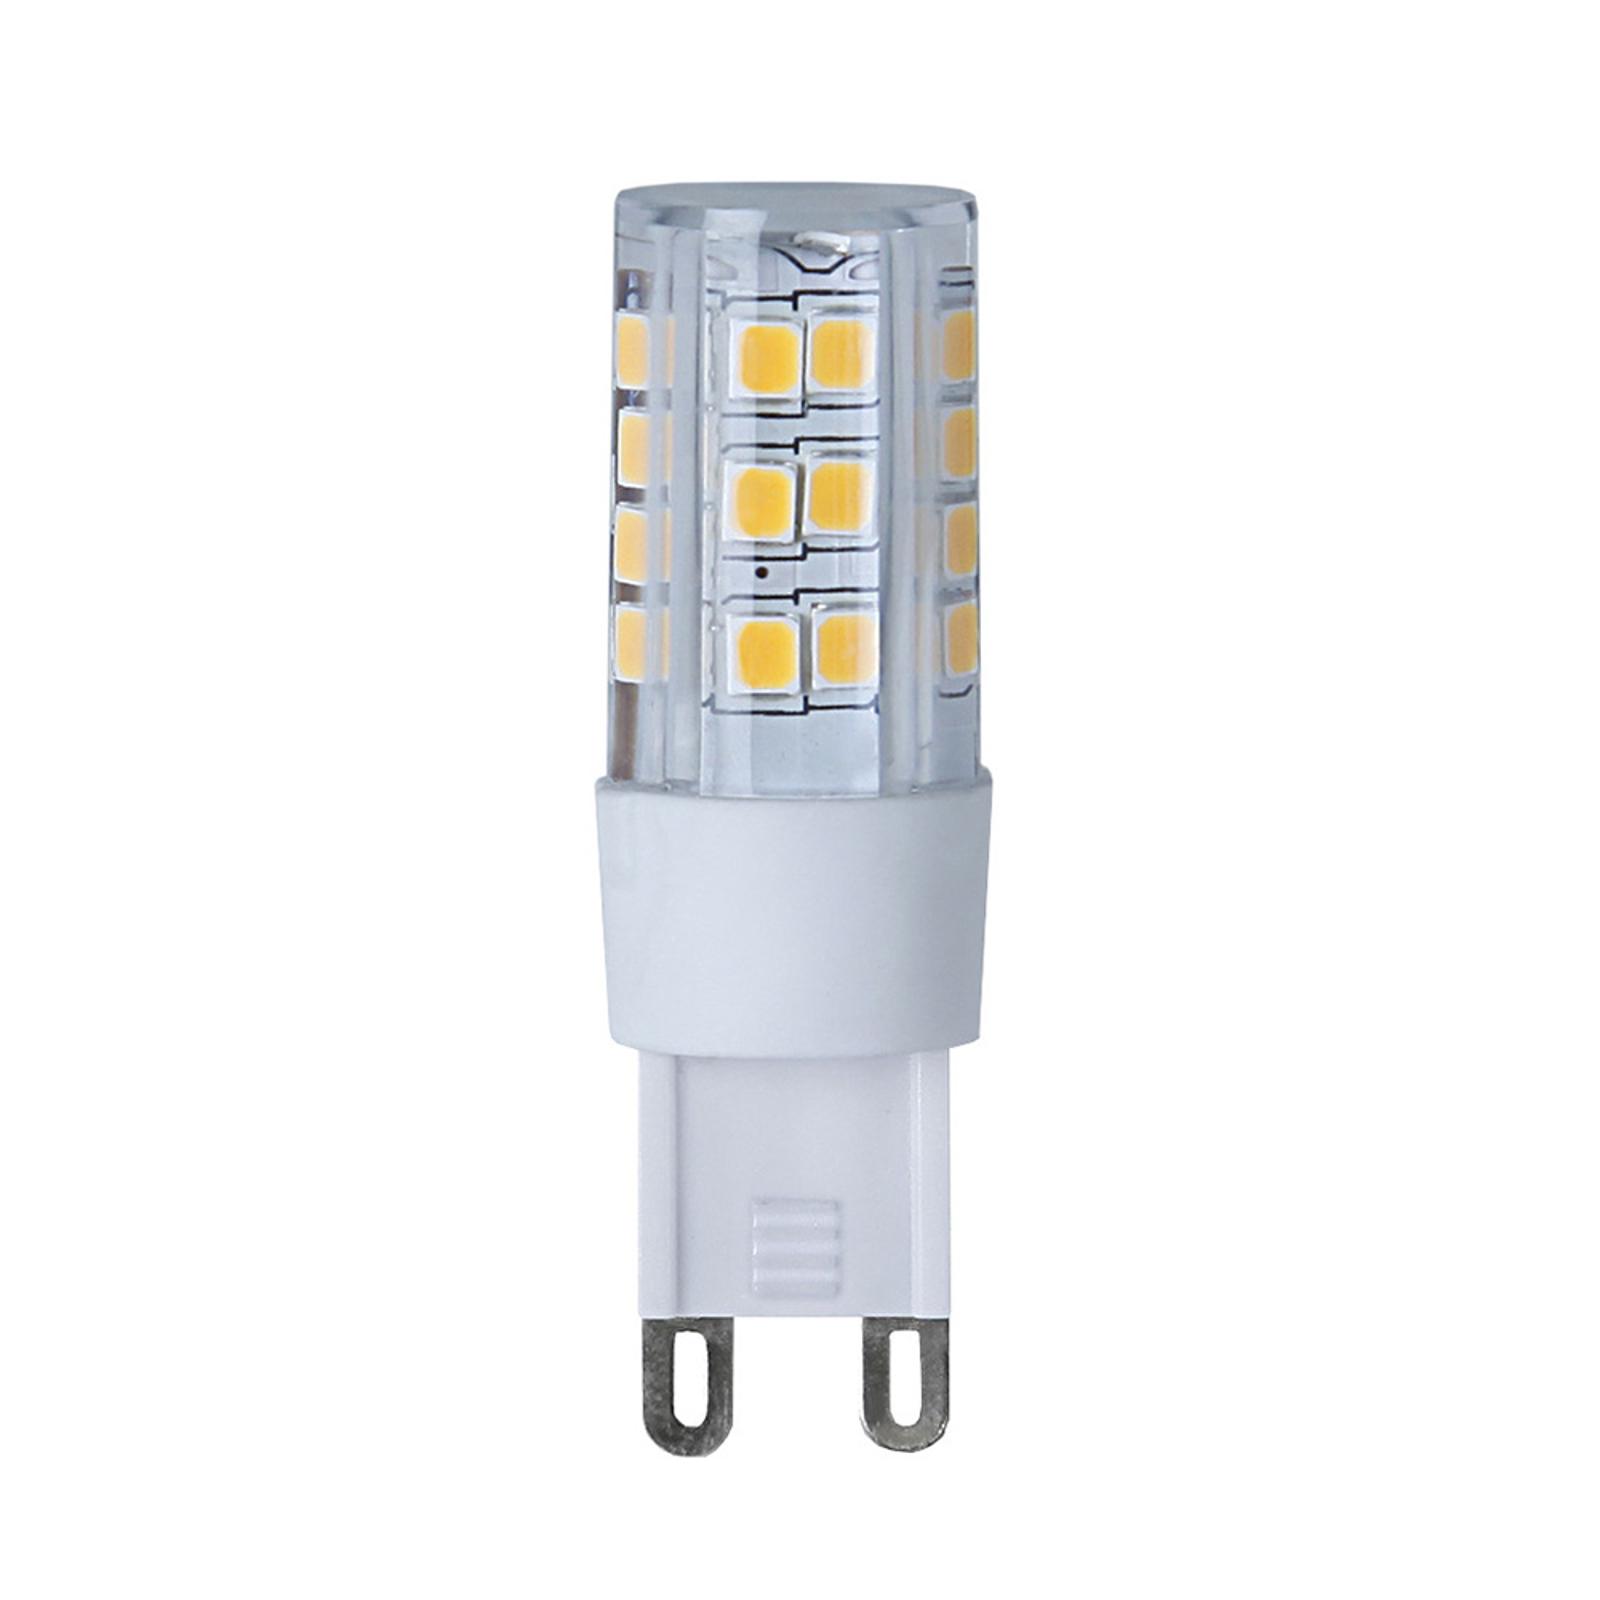 LED-Stiftsockellampe G9 3,8W 4.000K